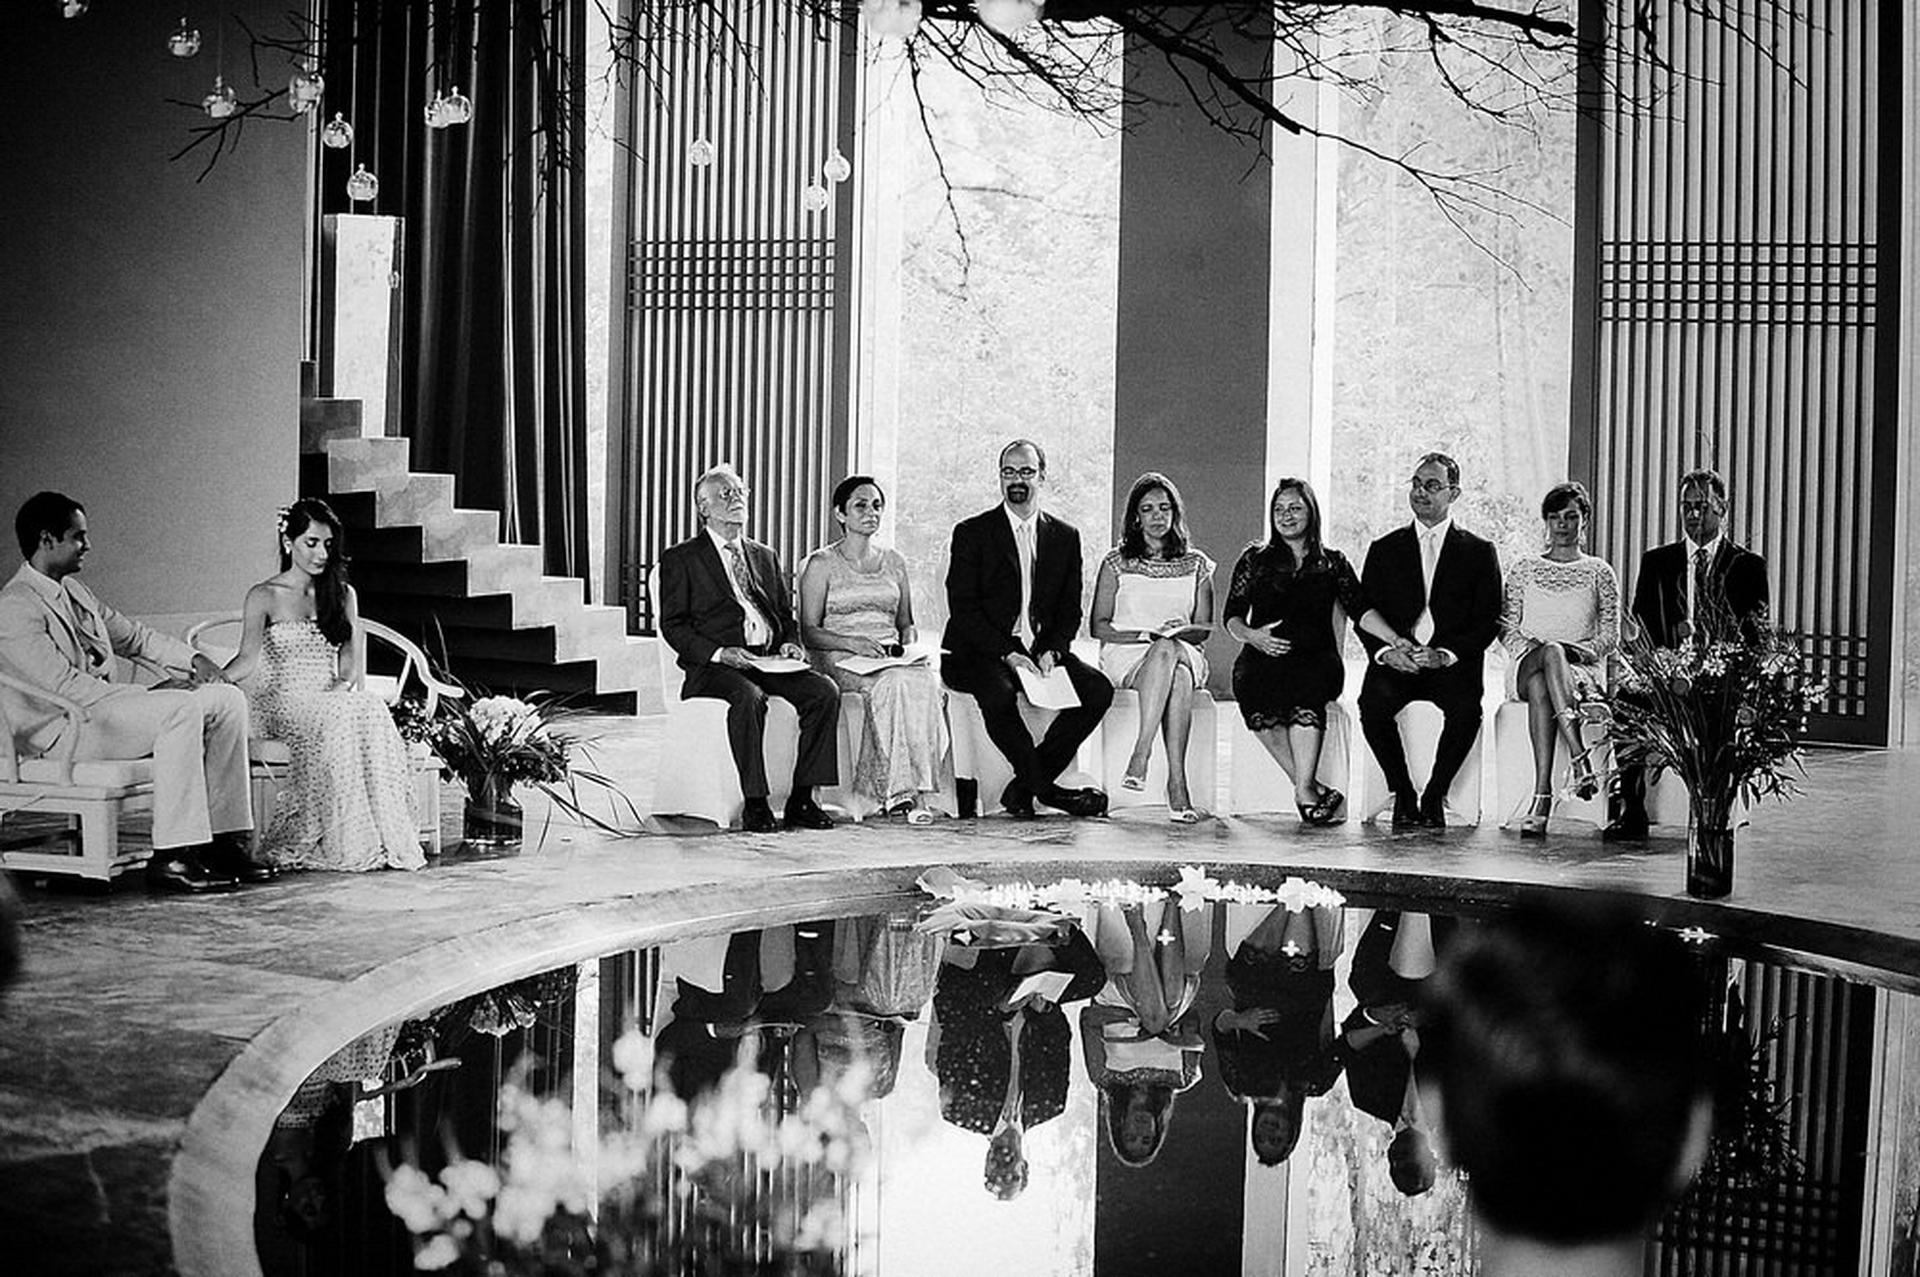 Green-T-House huwelijksceremonie fotograaf | Het belangrijkste proces van de ceremonie is de boodschap, het gebed en de recitatie van de gast, begeleid door elegante muziek